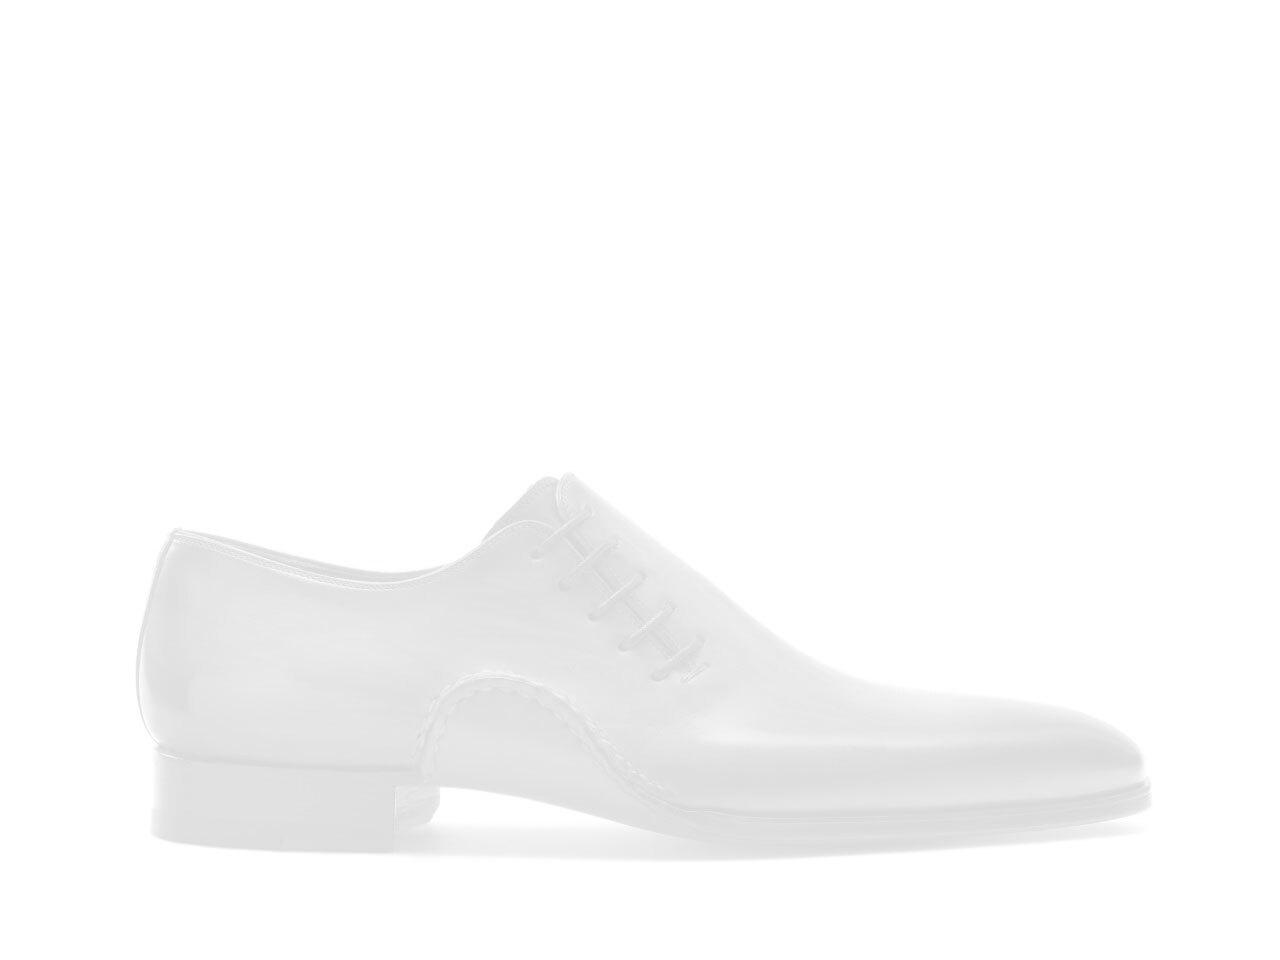 Side view of the Magnanni Nacio Cuero Men's Derby Shoes